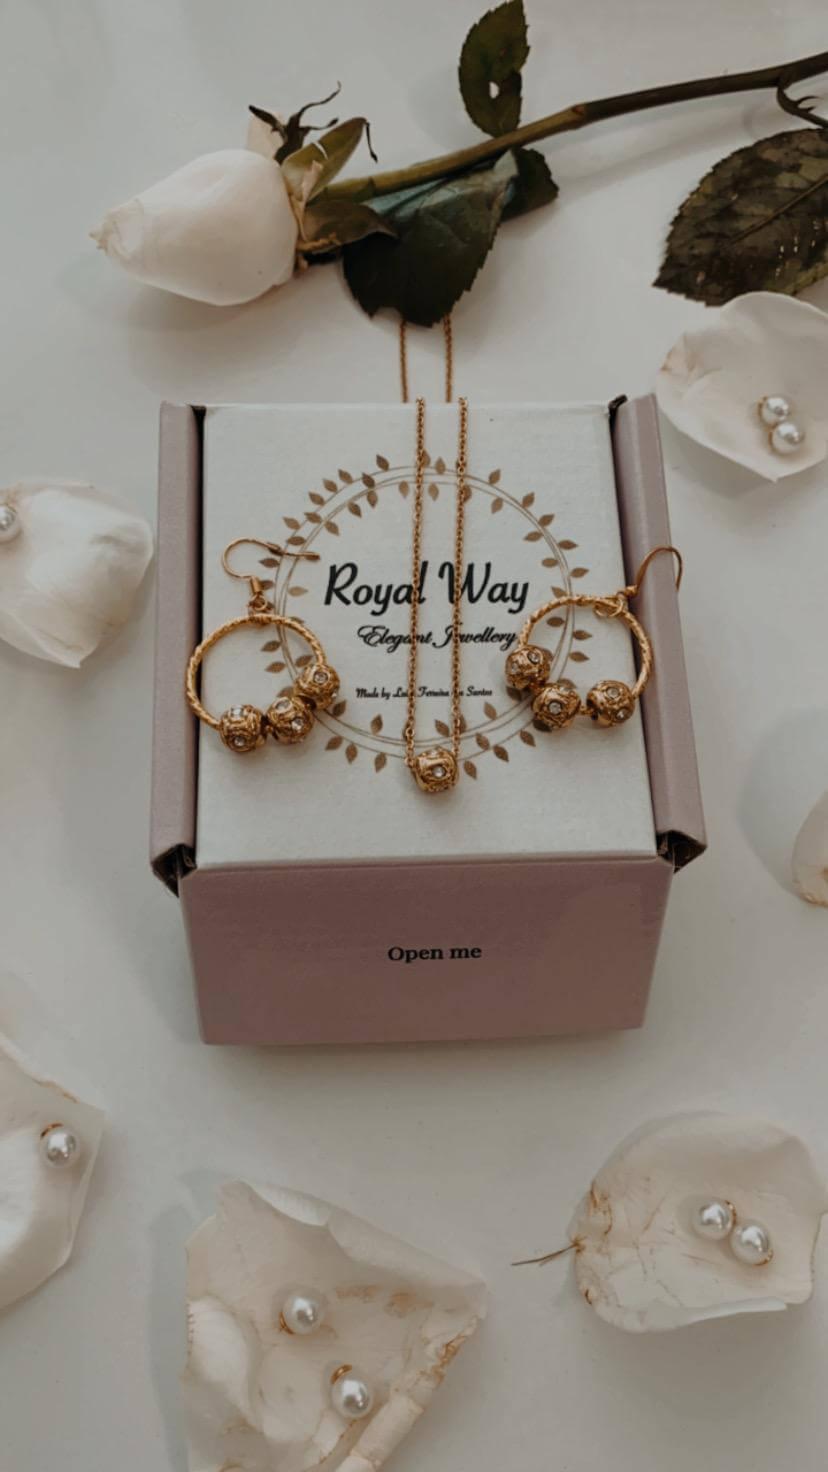 caja blanca para joyería de Royal Way